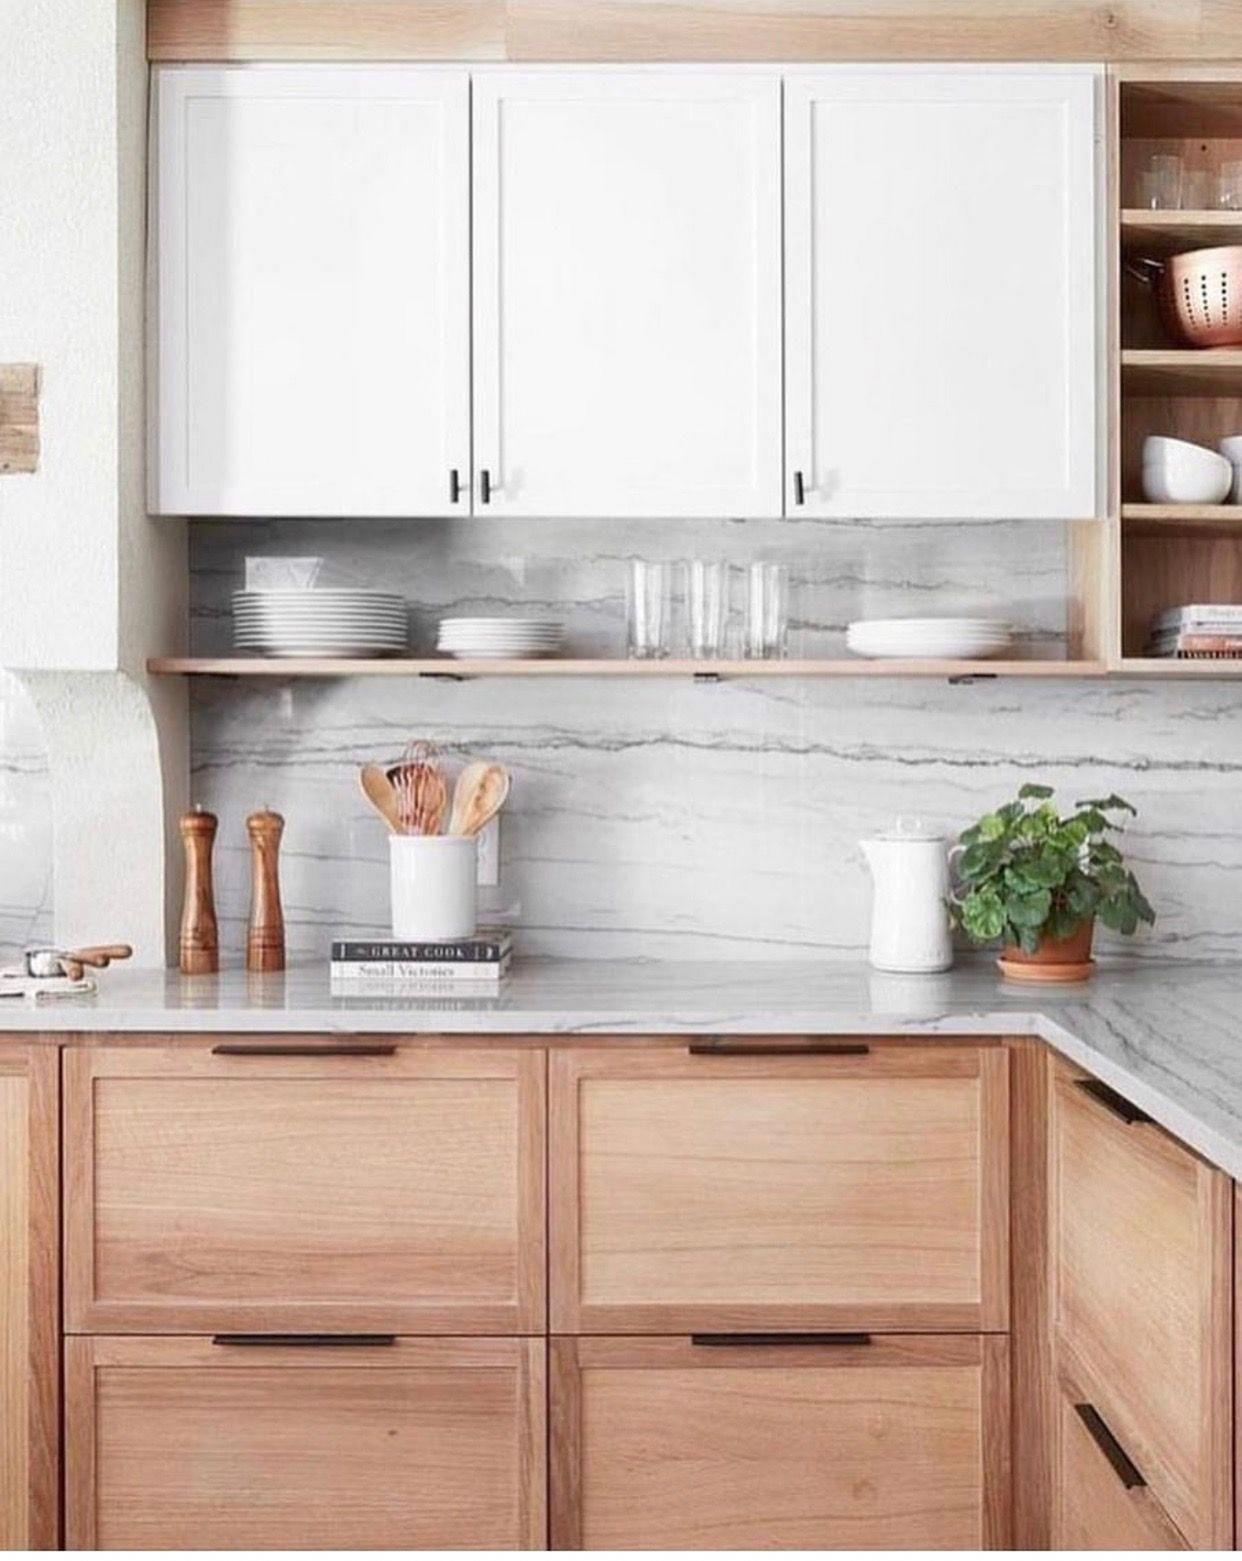 dekorasi dapur gaya modern dengan dominasi warna putih lemari dapur kayu